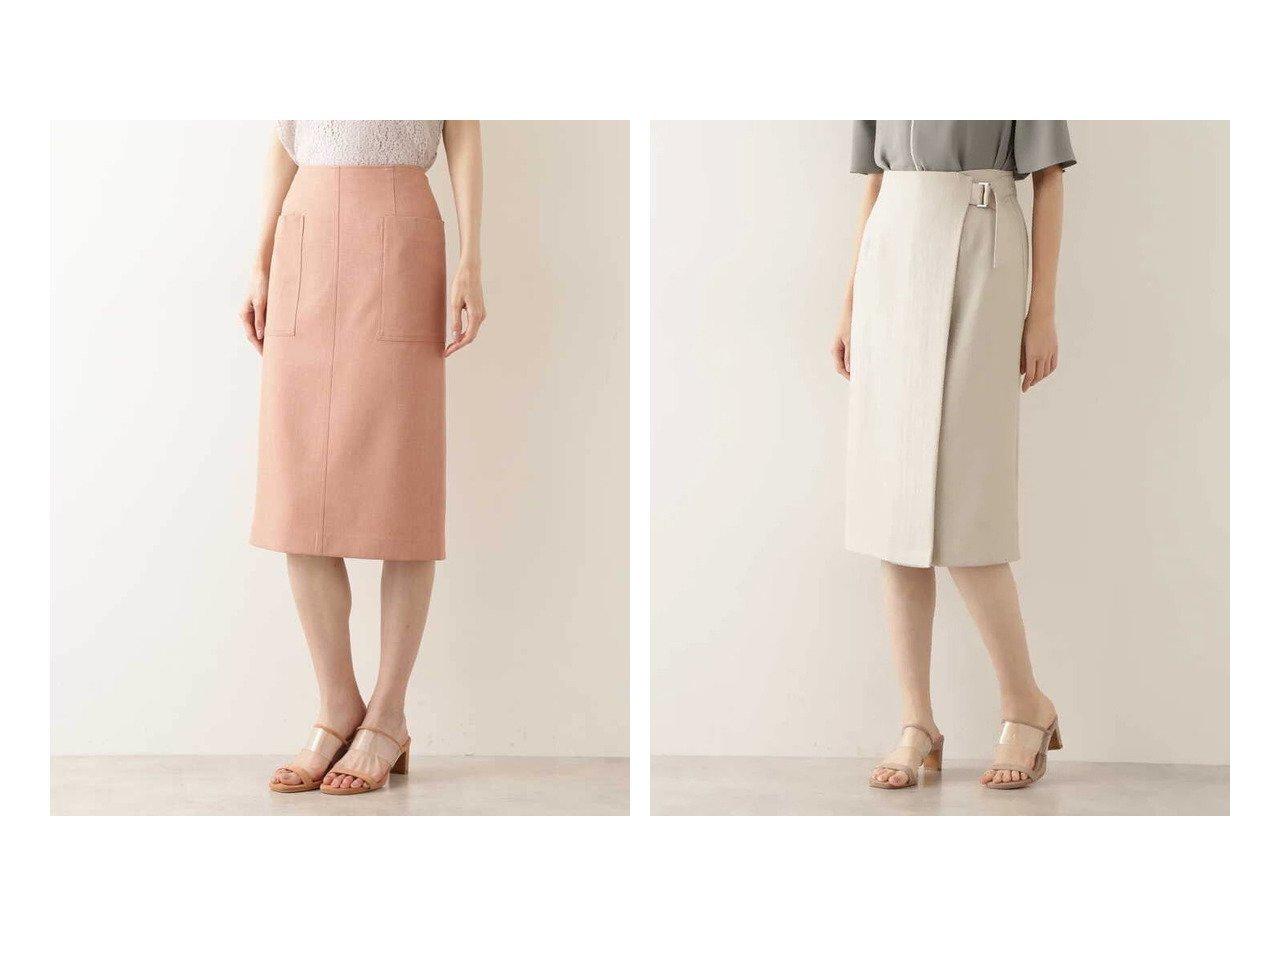 【NATURAL BEAUTY BASIC/ナチュラル ビューティー ベーシック】のリネンライクアシメナロースカート&ポケットディテールストレートスカート 【スカート】おすすめ!人気、トレンド・レディースファッションの通販 おすすめで人気の流行・トレンド、ファッションの通販商品 メンズファッション・キッズファッション・インテリア・家具・レディースファッション・服の通販 founy(ファニー) https://founy.com/ ファッション Fashion レディースファッション WOMEN スカート Skirt ストレート トレンド フラット ポケット ワーク アシンメトリー スクエア |ID:crp329100000036716